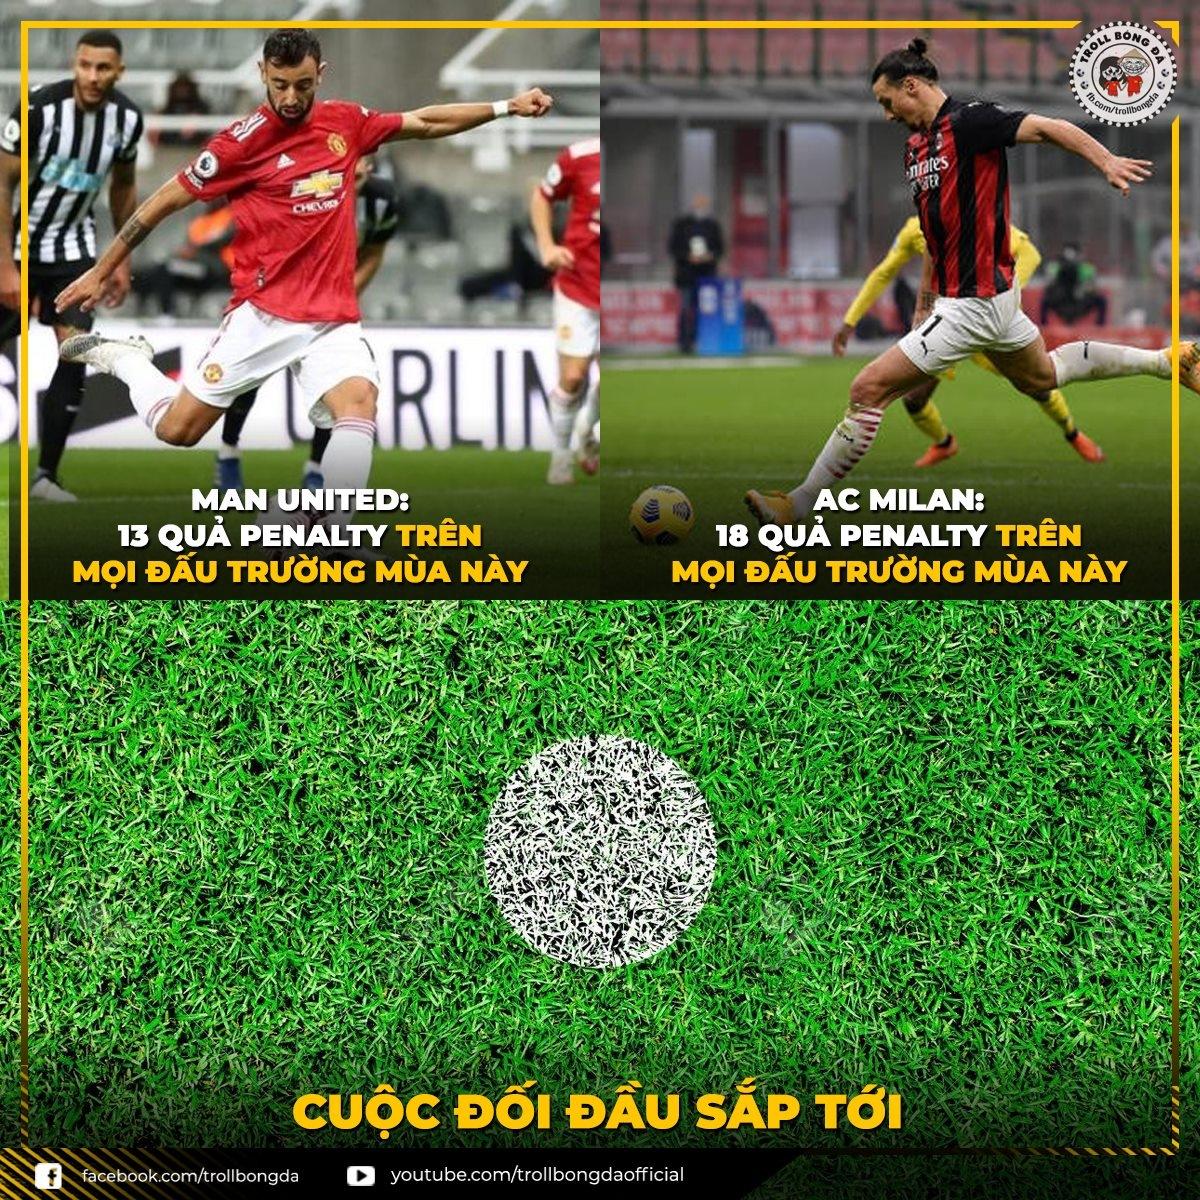 Bruno Fernandes đấu Ibrahimovic trên chấm 11m khi MU gặp AC Milan ở Europa League. (Ảnh: Troll bóng đá).